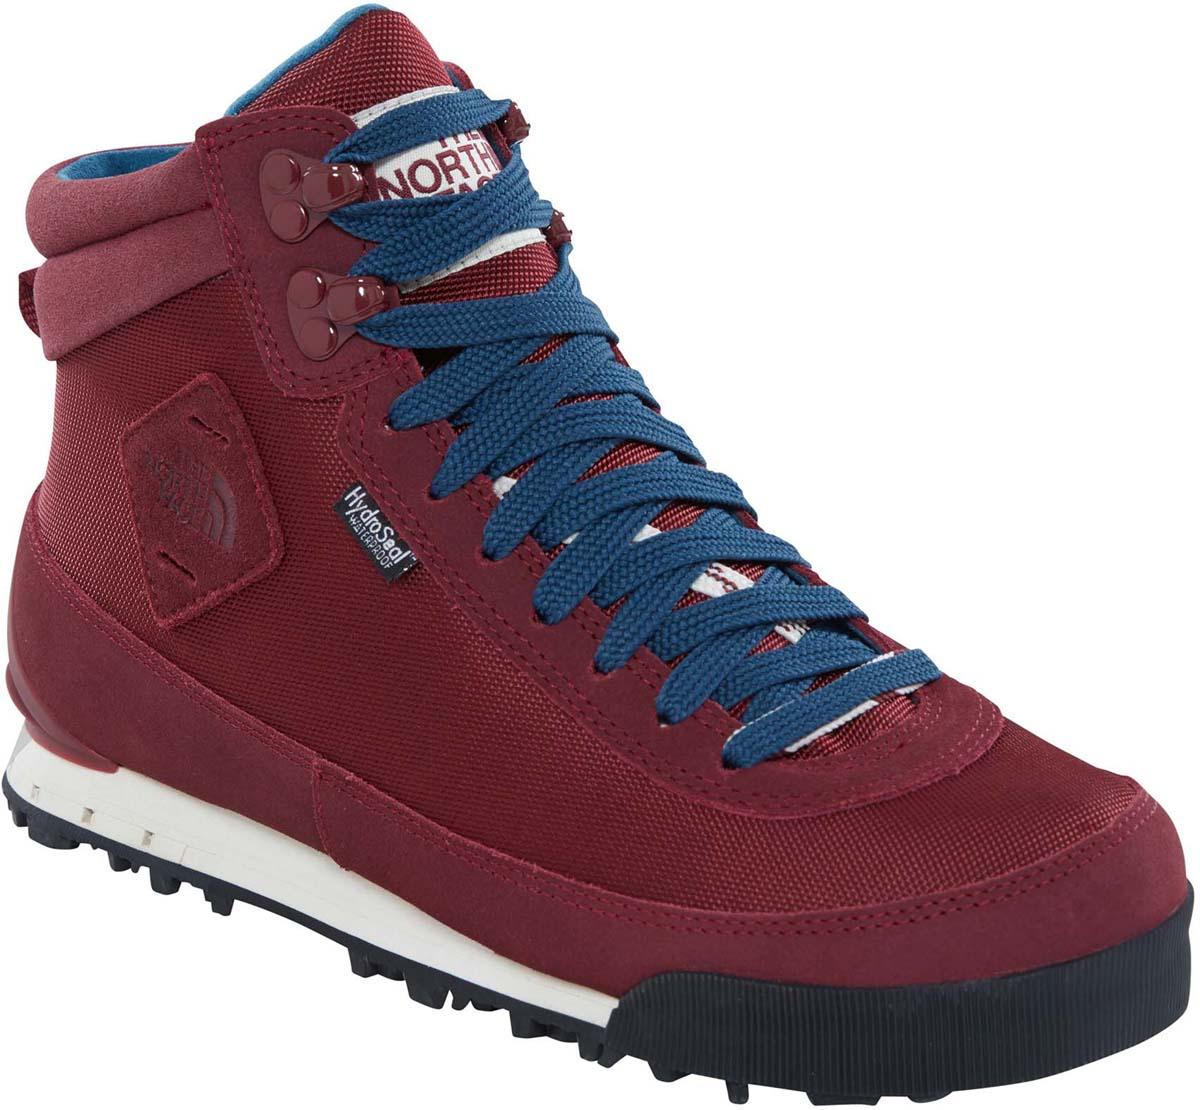 Ботинки женские The North Face Back-to-Berkeley Boot II, цвет: бордово-красный. T0A1MFVFZ. Размер 10 (41)T0A1MFVFZСтильные ботинки The North Face от Back-to-Berkeley Boot II - это женские ботинки с ретро-обликом, но современной функциональной конструкцией. Верх выполнен из нейлона-рипстопа и мембраны HydroSeal, обеспечивающей полноценную защиту от влаги. Окантовка из натуральной замши по периметру защищает внешнюю ткань от истирания, а глухой язык препятствует попаданию внутрь камней, воды и пыли. Шнуровка надежно фиксирует модель на ноге. Подошва TNF Winter Grip с технологией Ice Pick обеспечивает наилучшее сцепление с поверхностью. Утеплитель Primaloft Eco сохранит ноги в тепле в самые сильные холода. Антибактериальная стелька Ortholine из EVA с текстильной поверхностью комфортна при ходьбе. Текстильный ярлычок на заднике обеспечивает удобное обувание модели. Язычок и боковая сторона модели оформлена фирменной нашивкой. Ботинки Womens Back-to-Berkeley Boot II - отличный выбор стильной и технологичной зимней обуви.